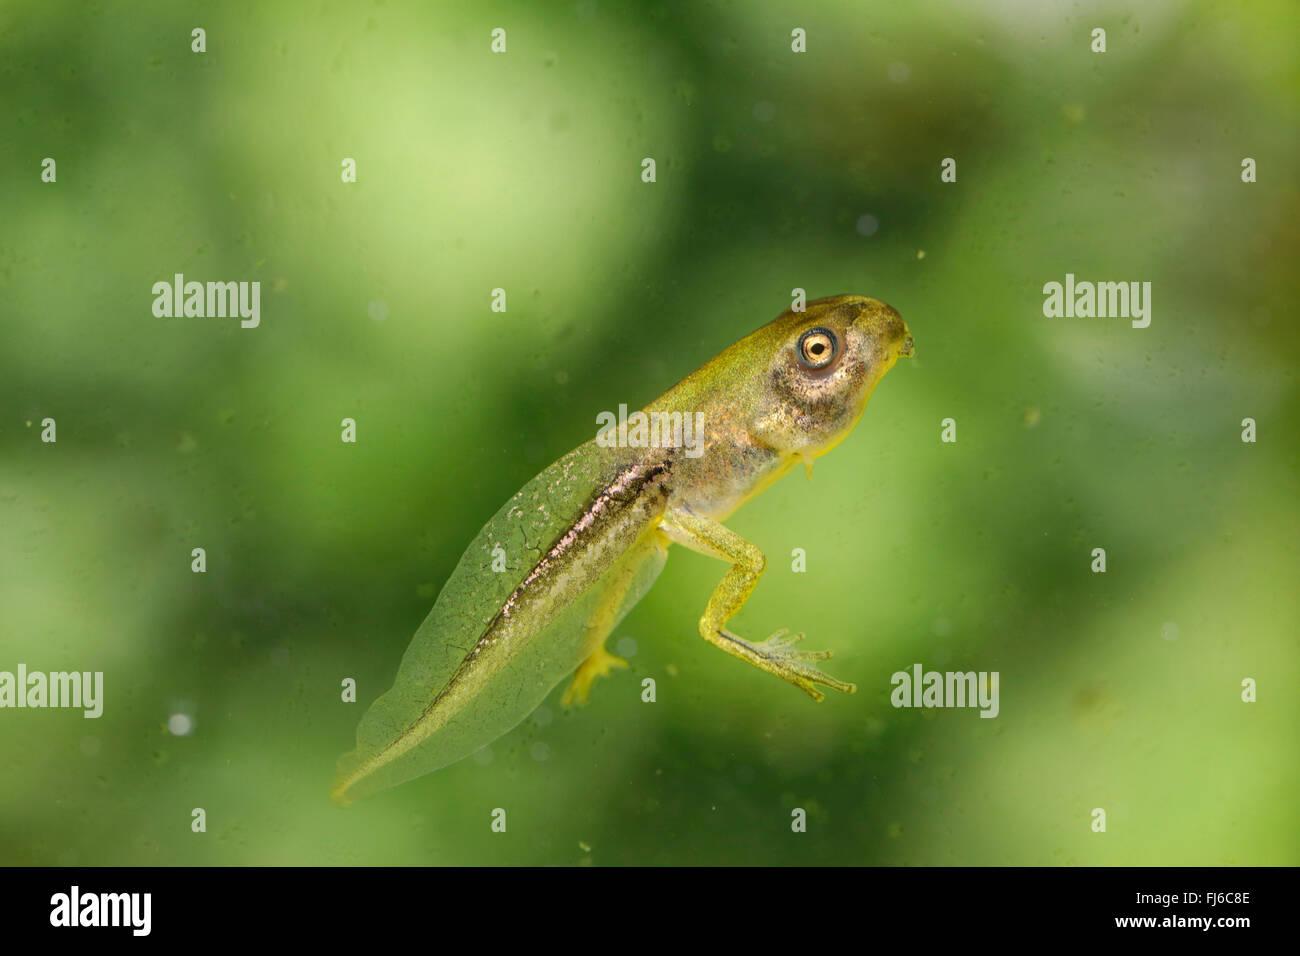 Unión treefrog, común, Europa Central treefrog treefrog (Hyla Arborea), polliwog con patas cortas, Alemania, Baviera, Niederbayern, Baja Baviera Foto de stock